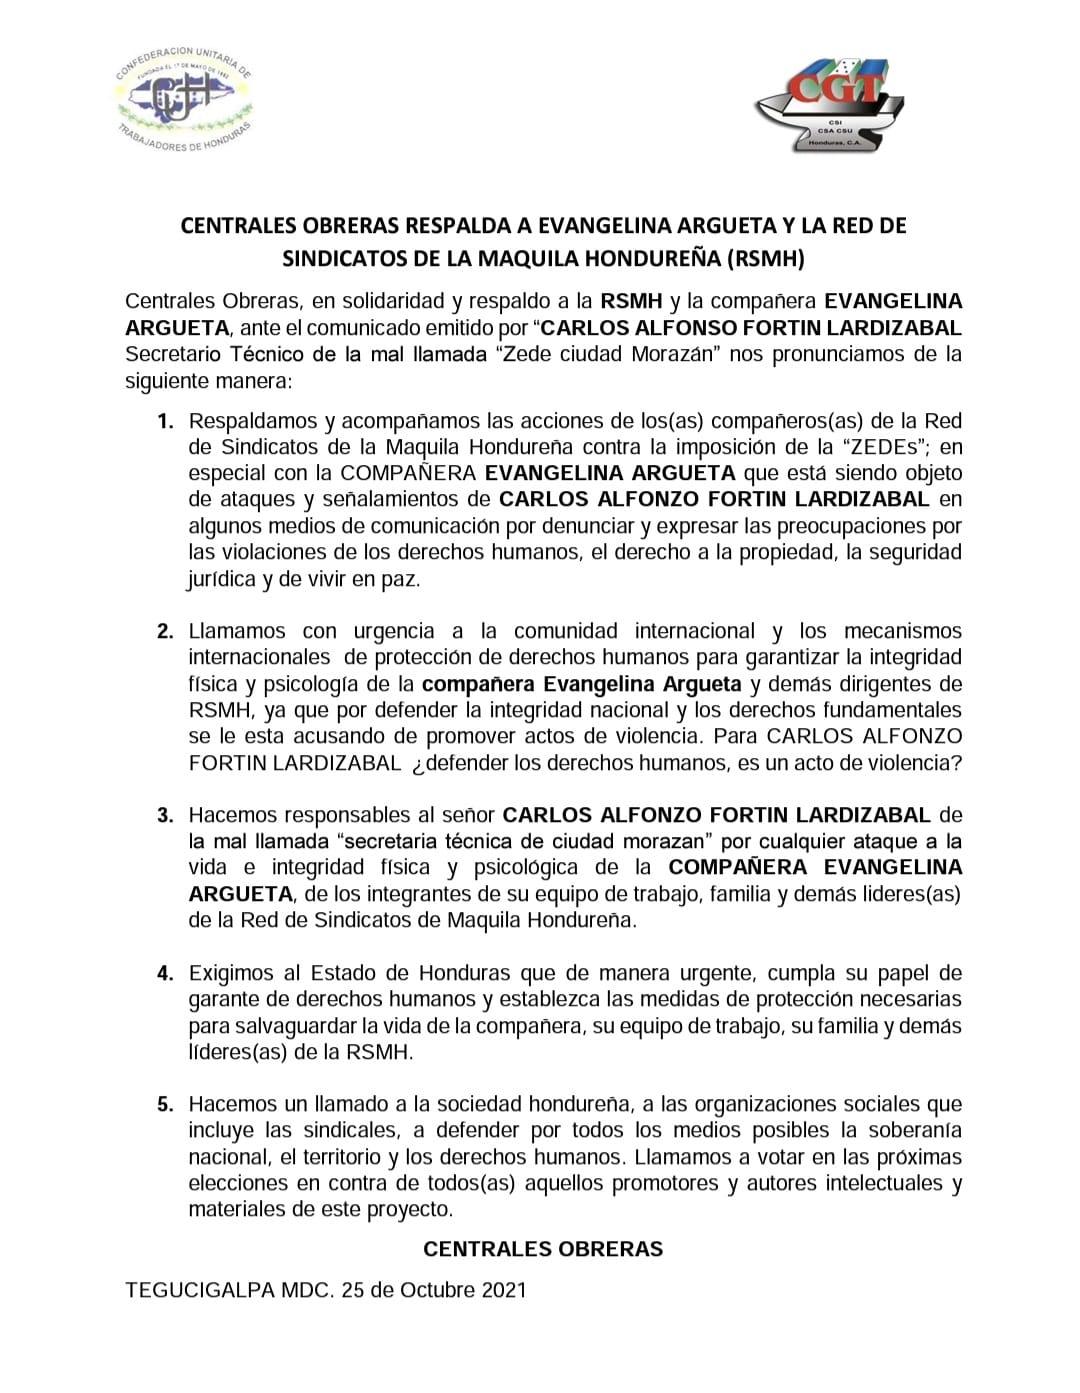 Respaldo de las Centrales Obreras a la compañera Evangelina Argueta